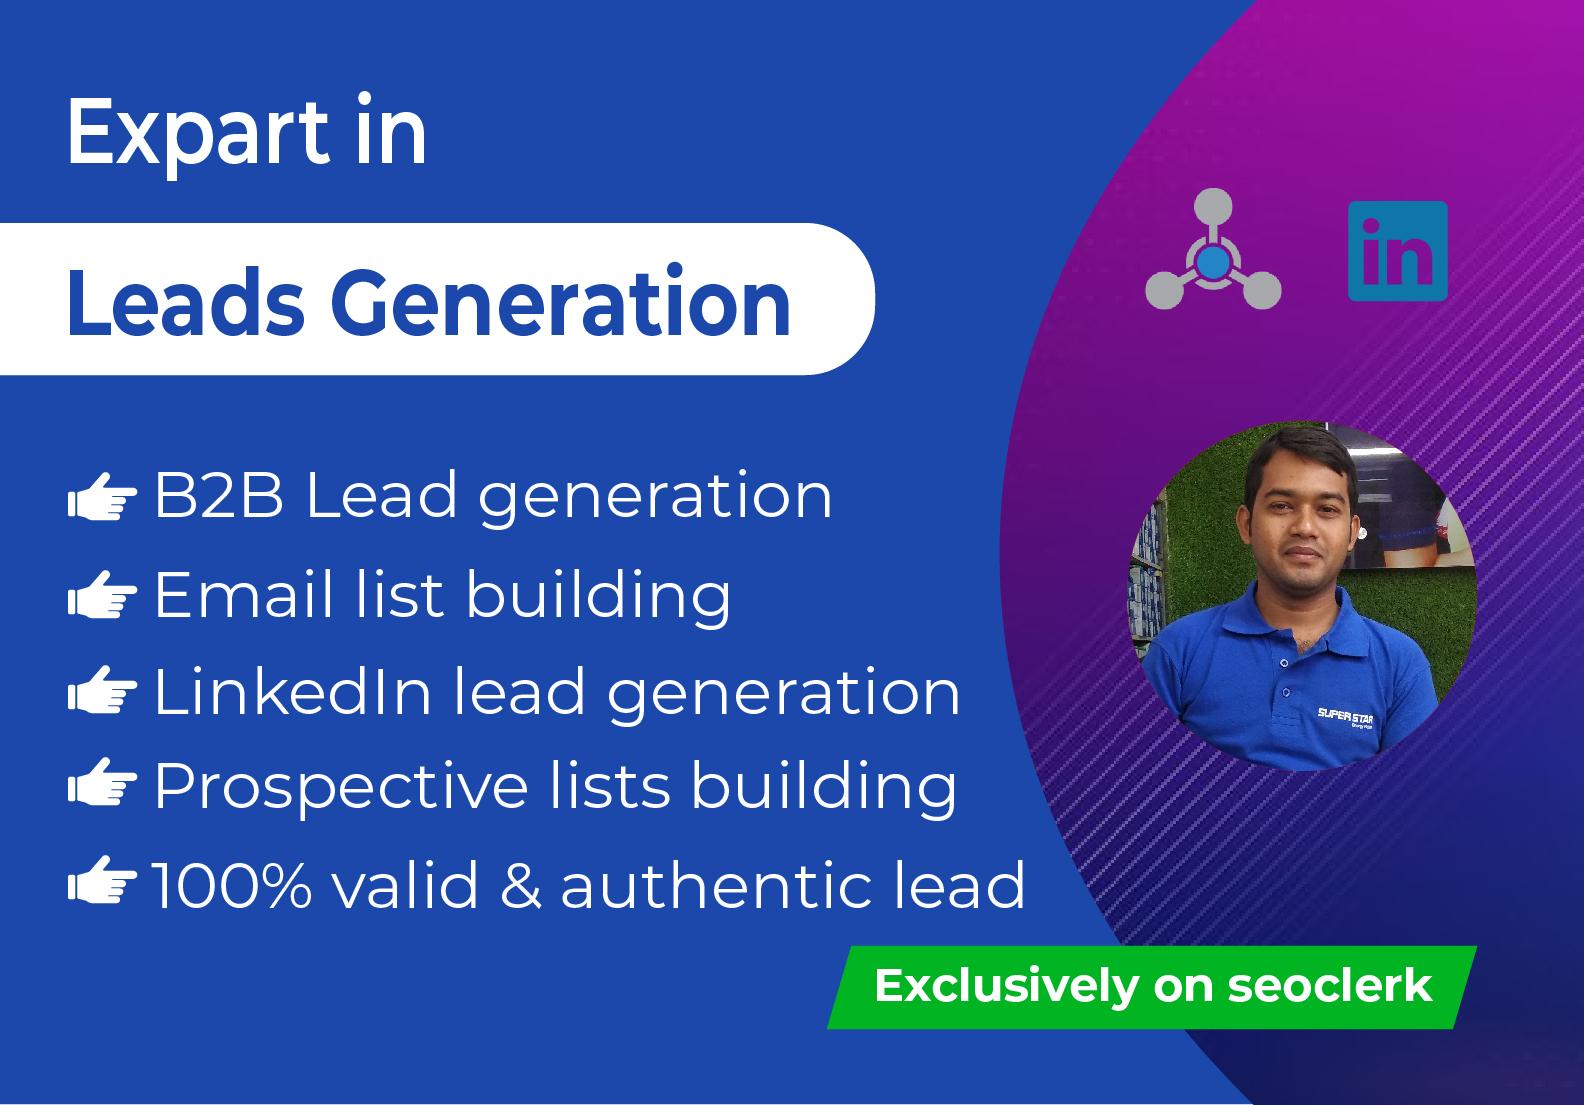 I will do 100 prospective B2B and LinkedIn lead generation manually